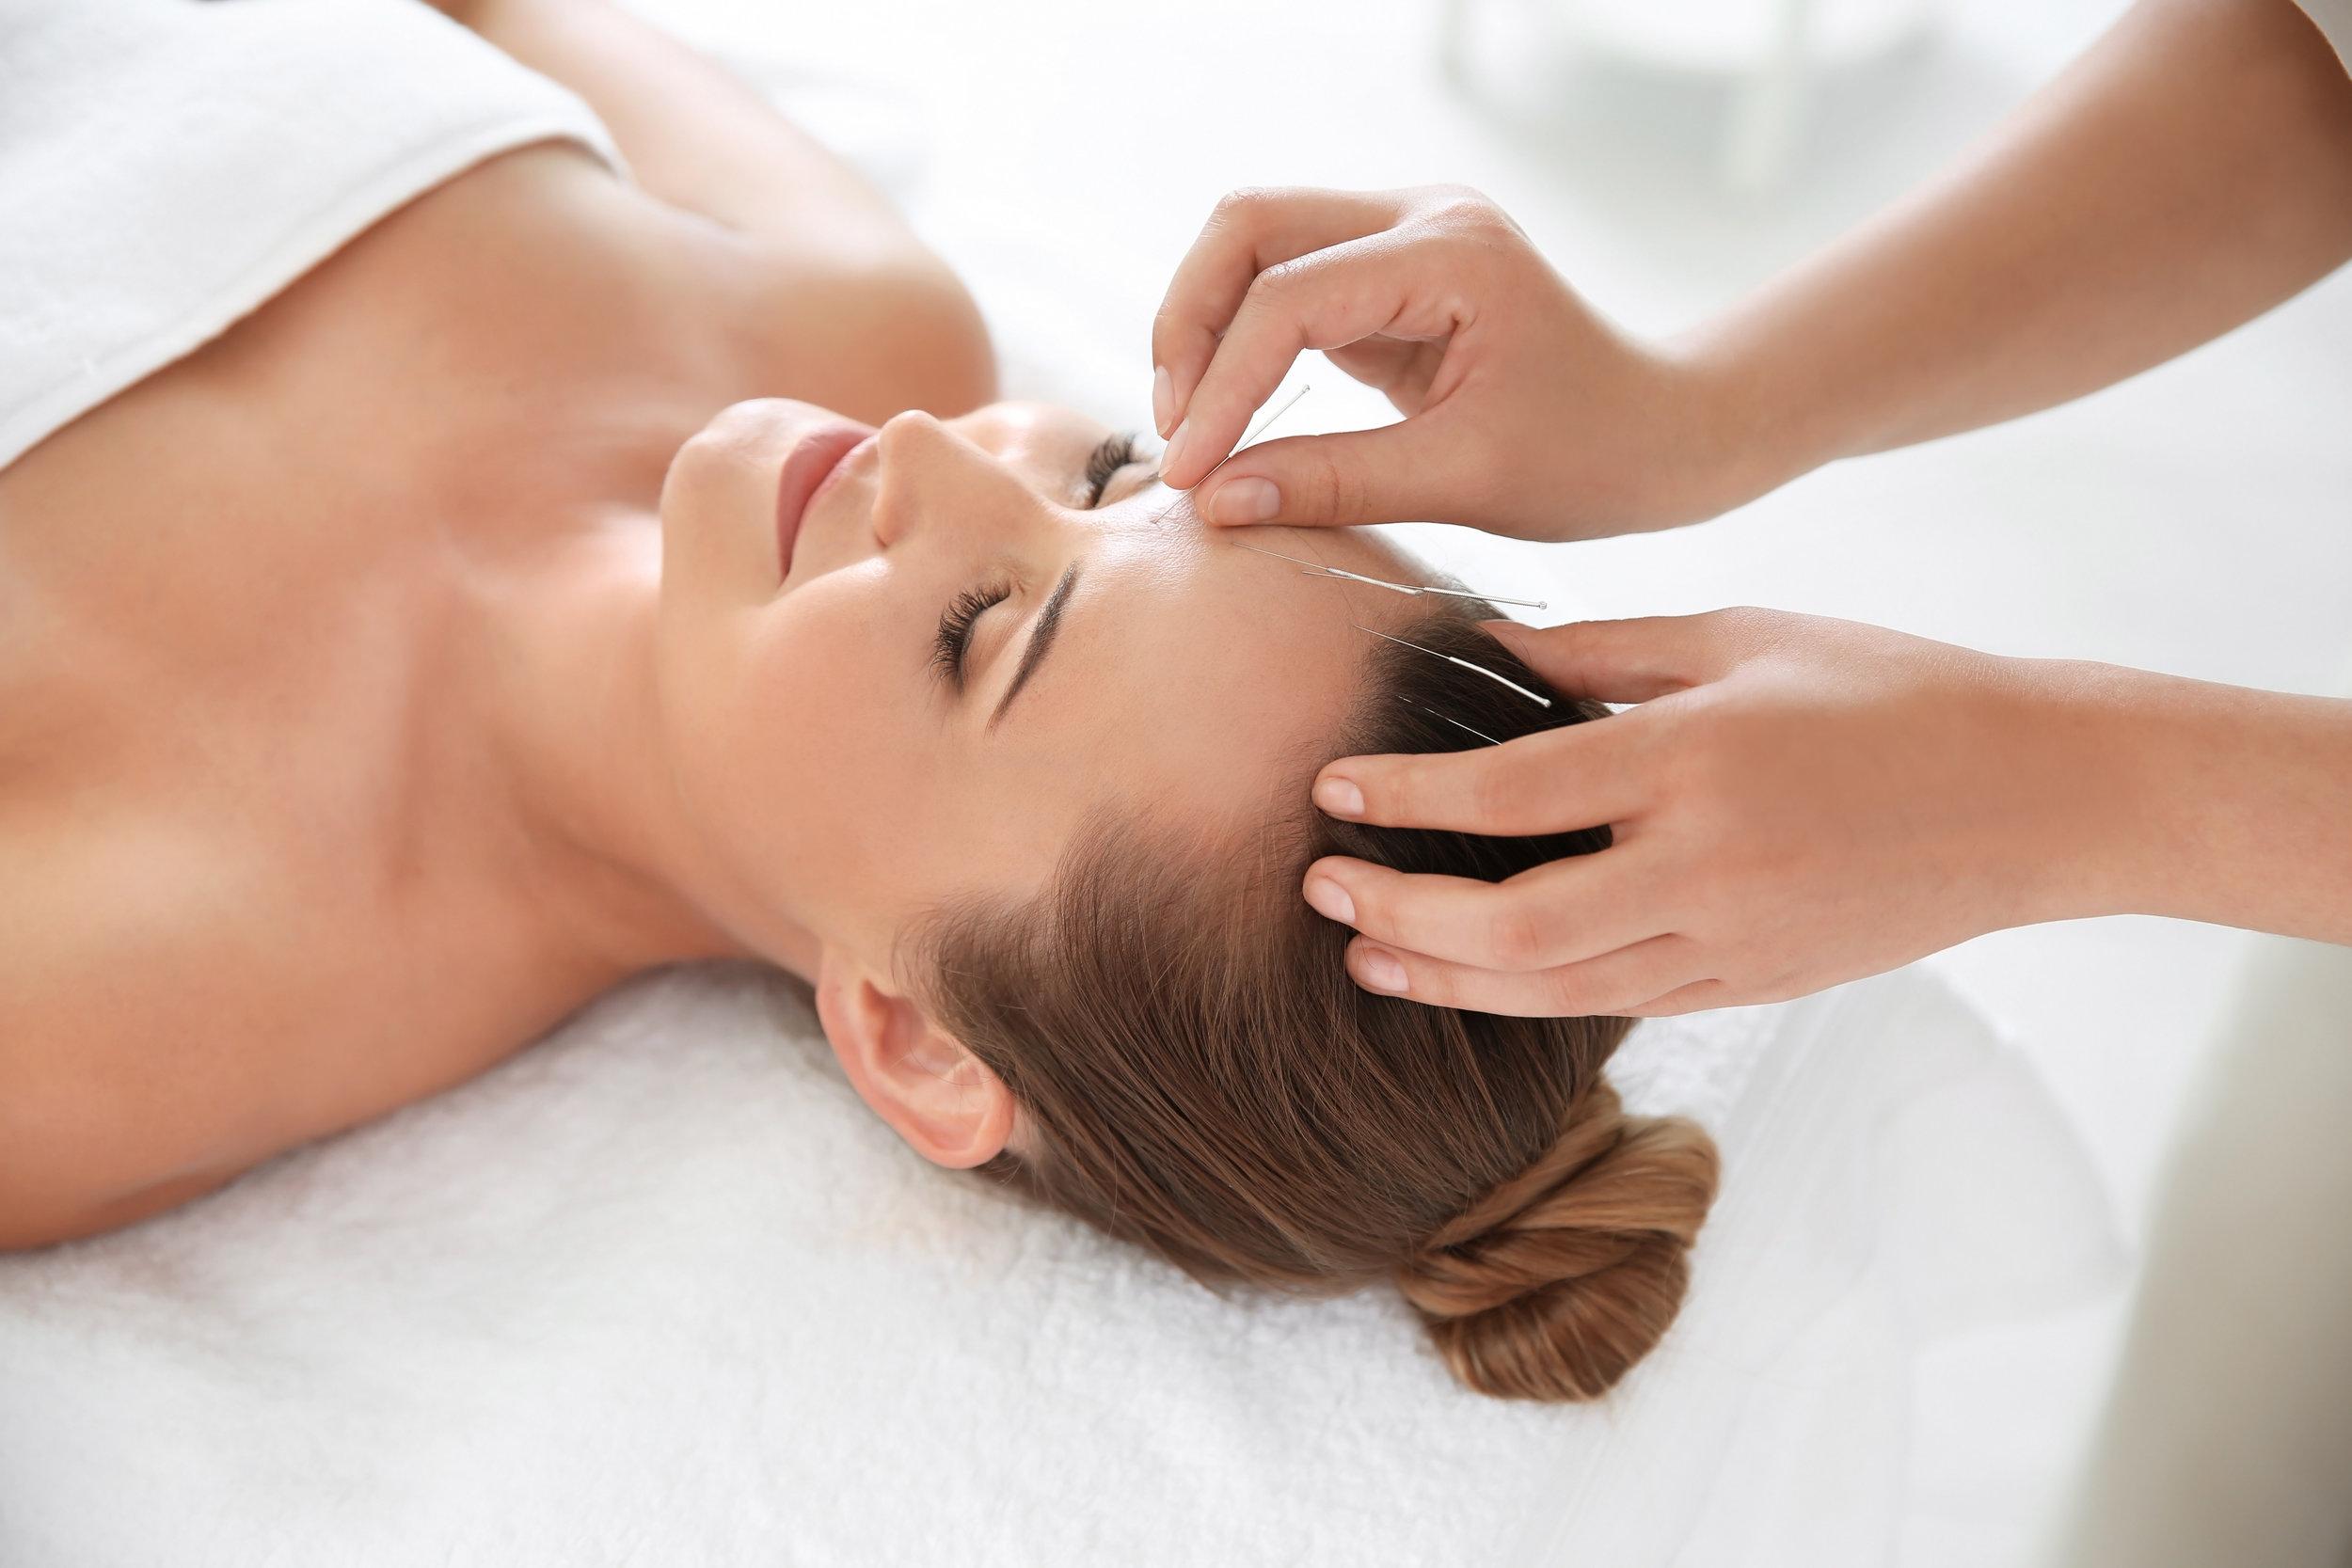 Resonant Acupuncture